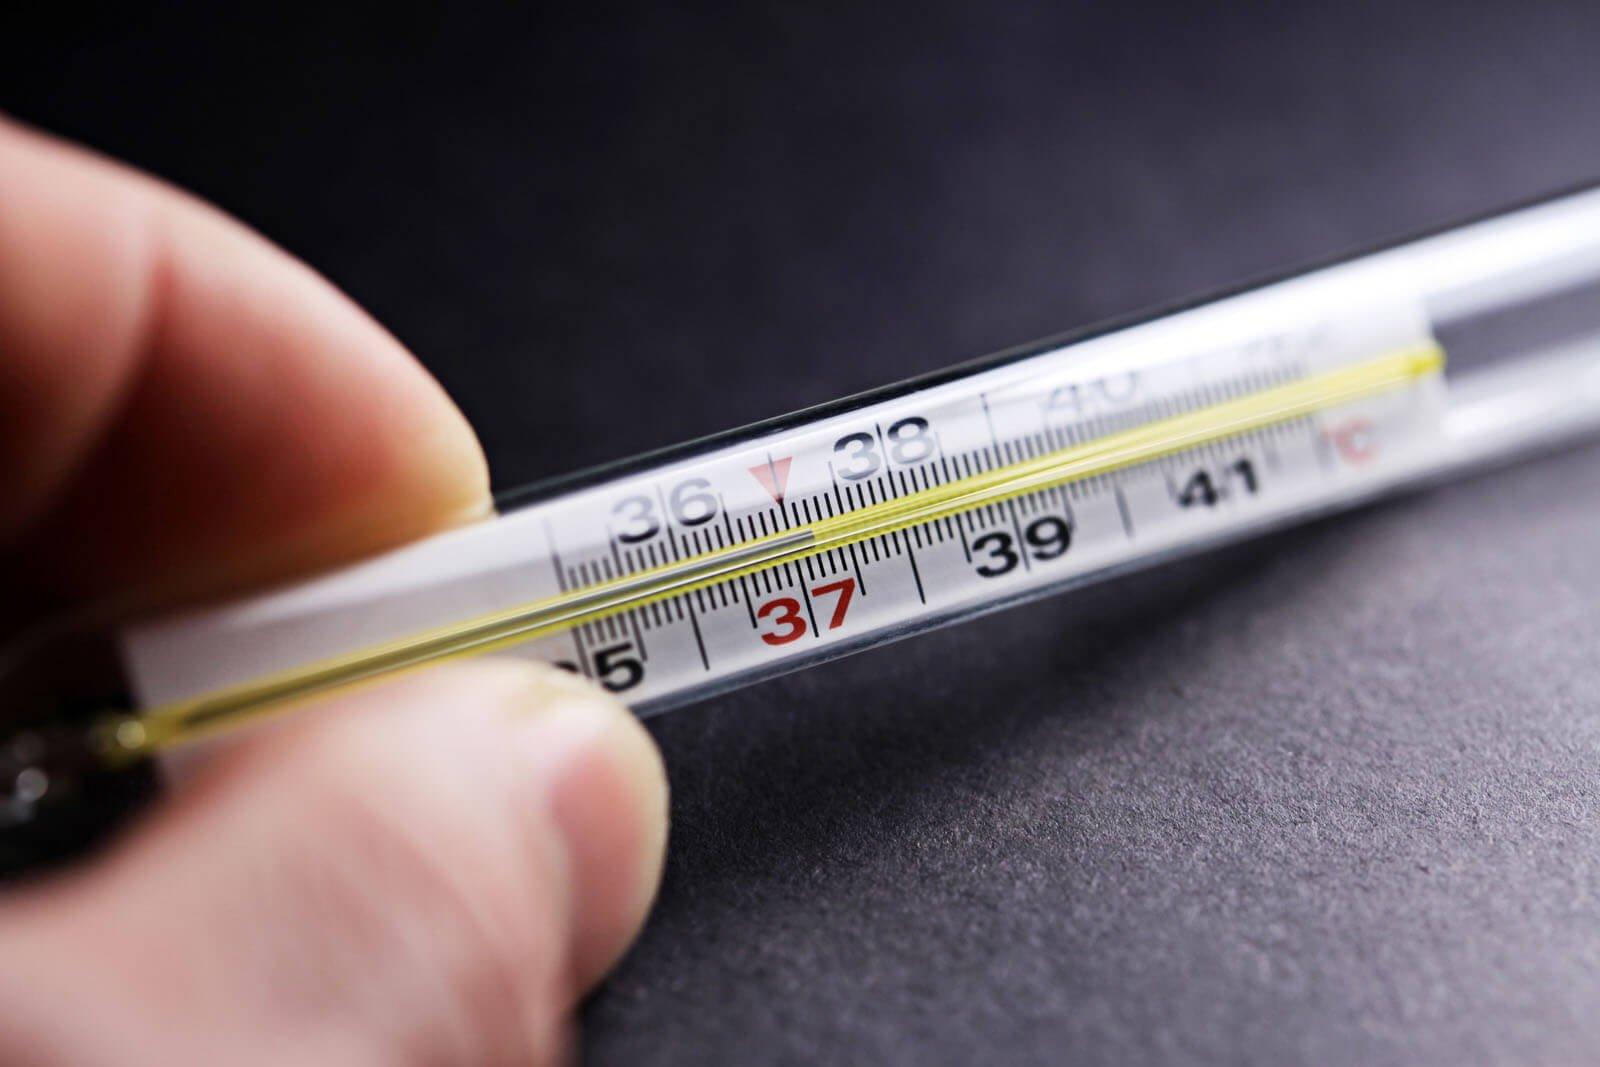 Новая биометрическая система определения повышенной температуры тела